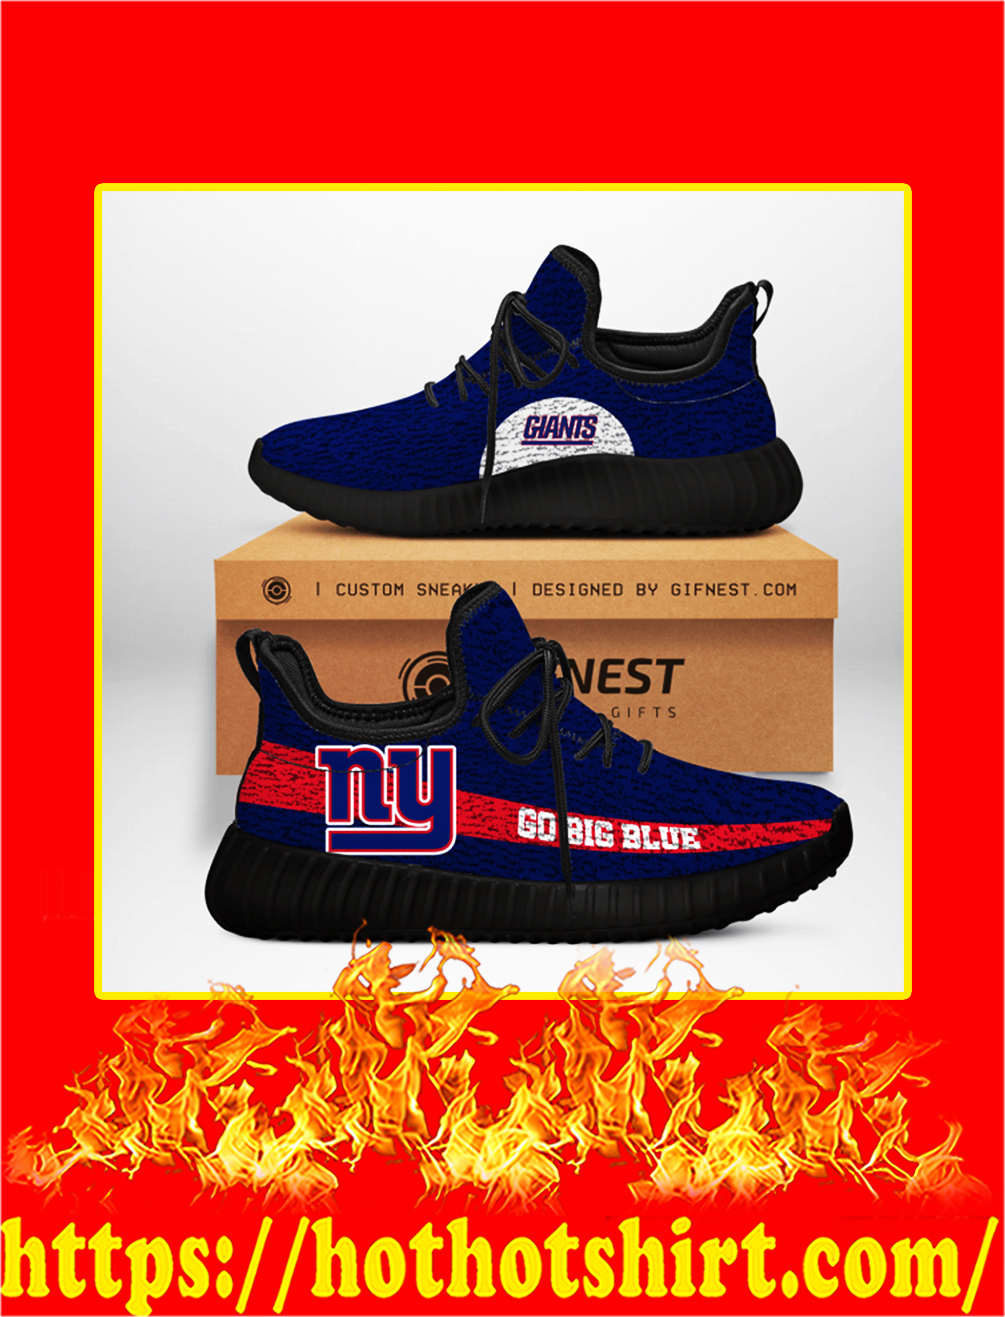 Go Big Blue New York Giants NFL Yeezy Sneaker - white